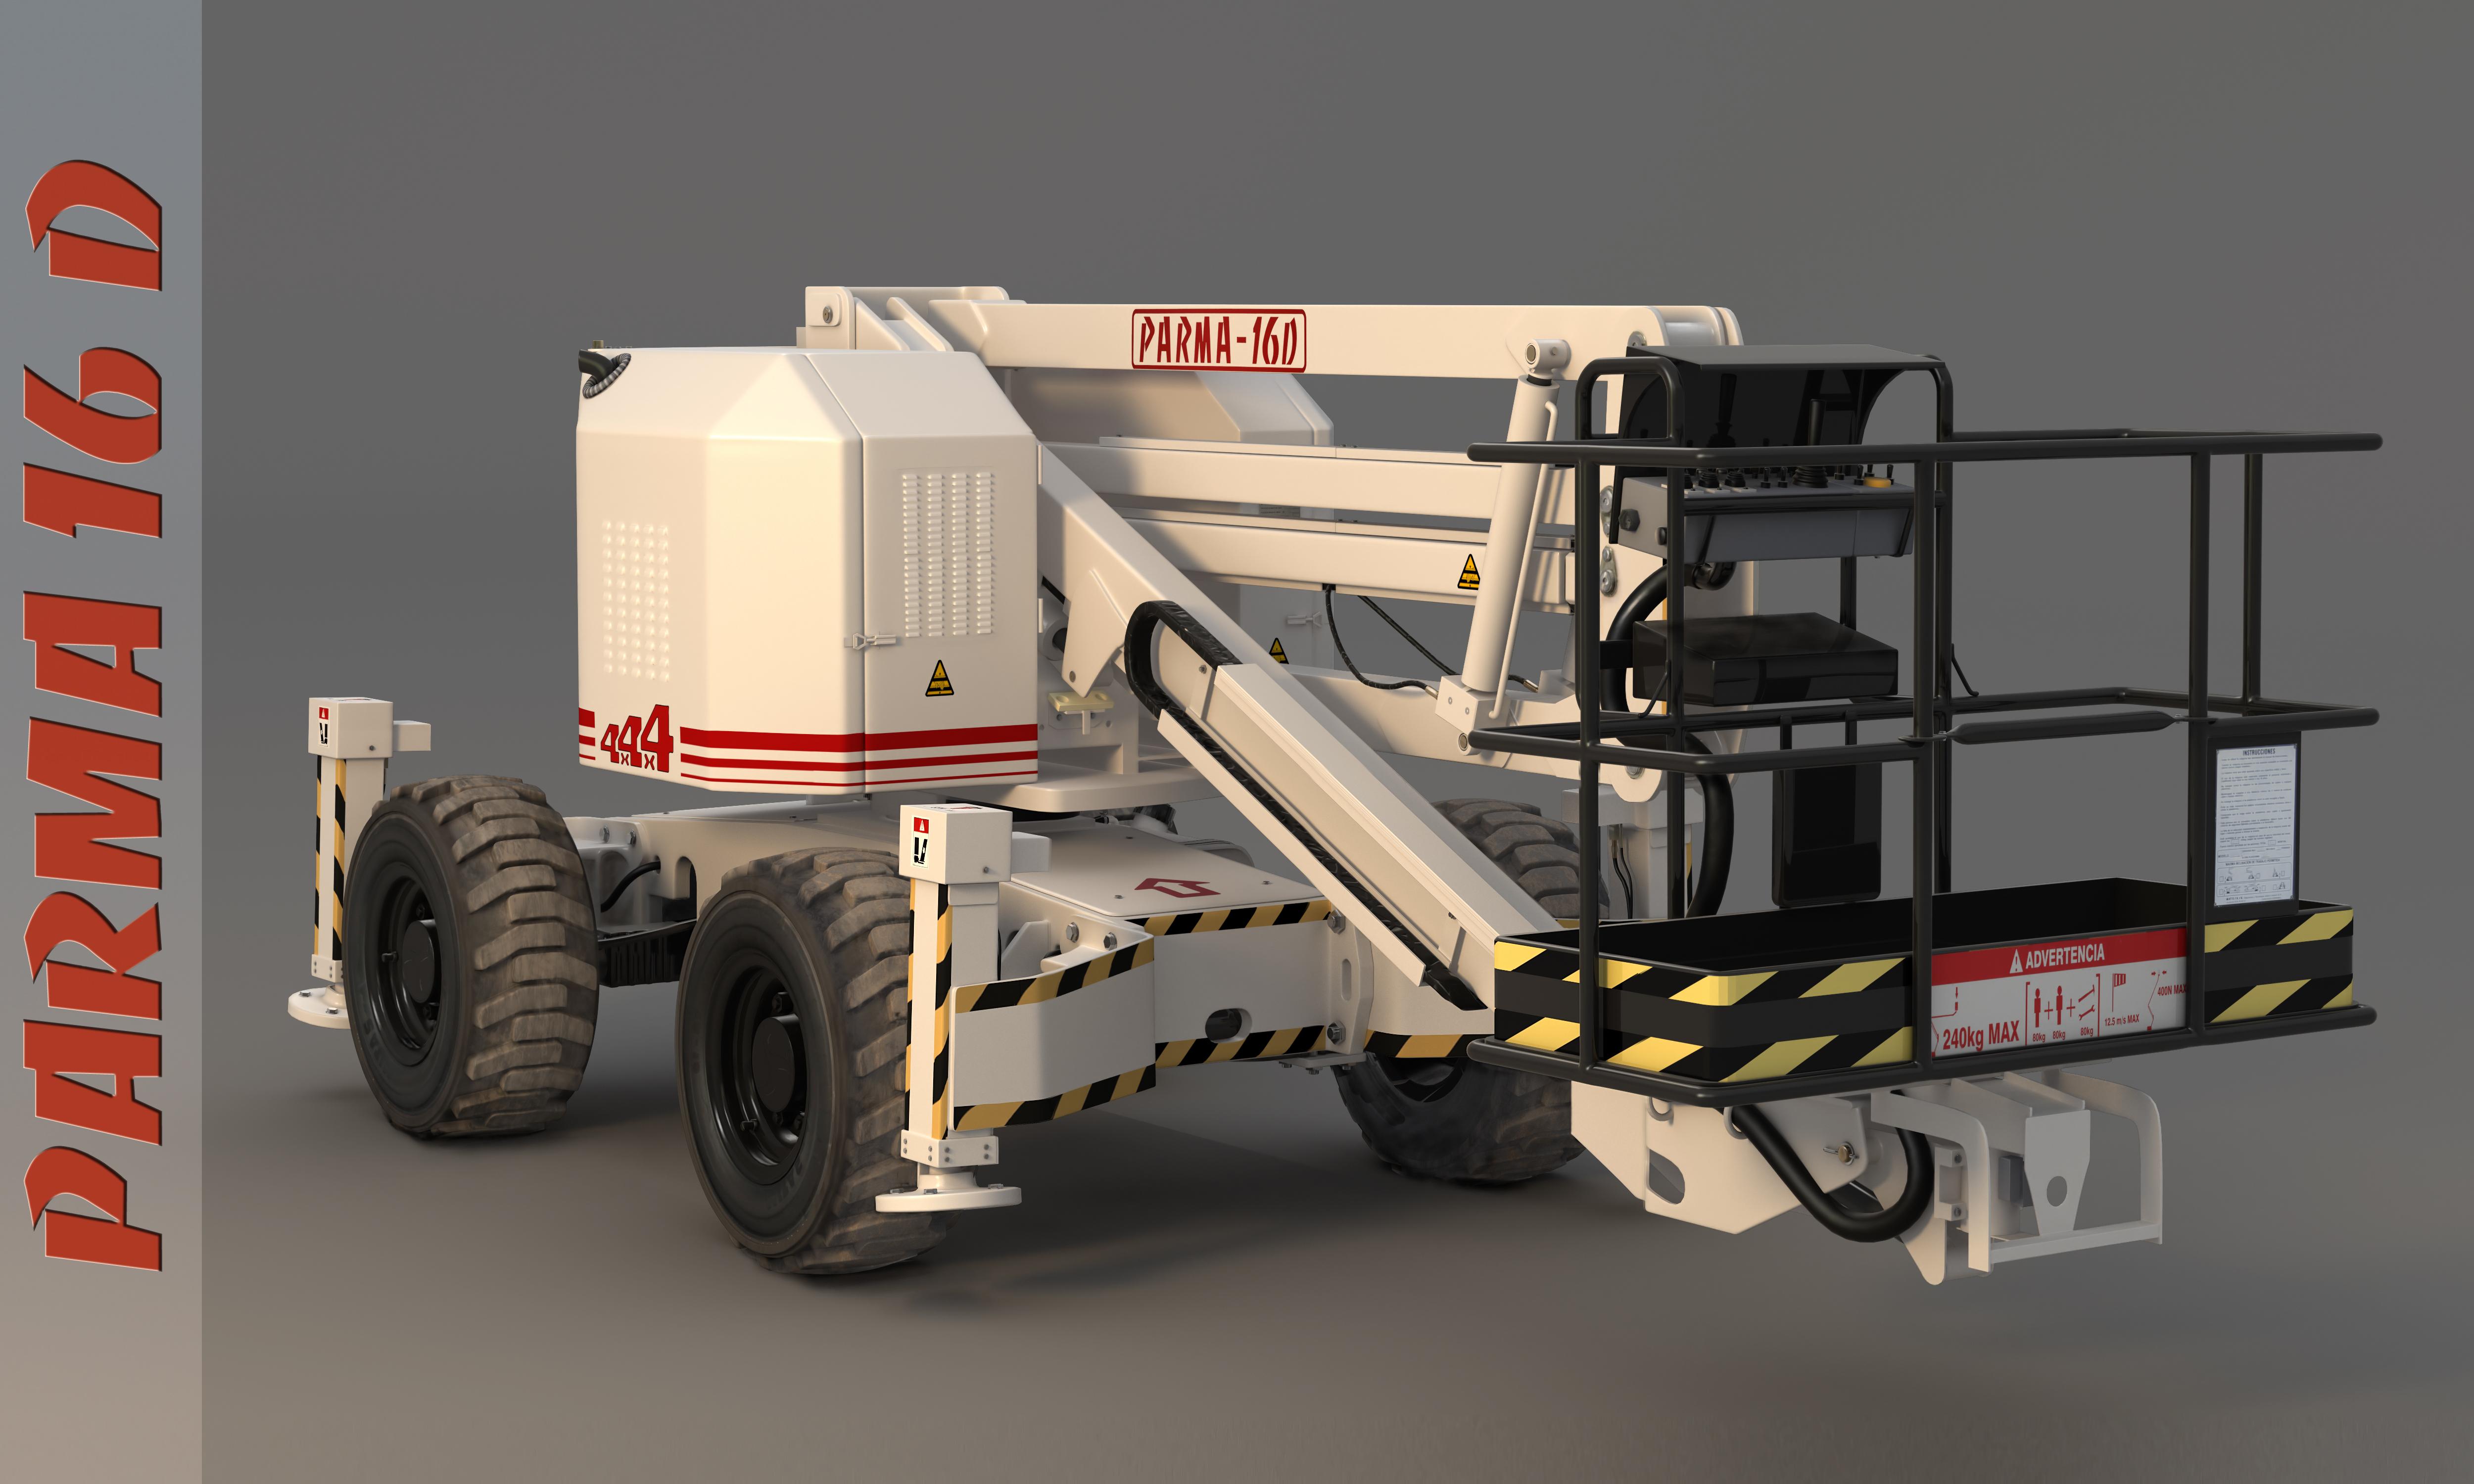 3D models (renders)